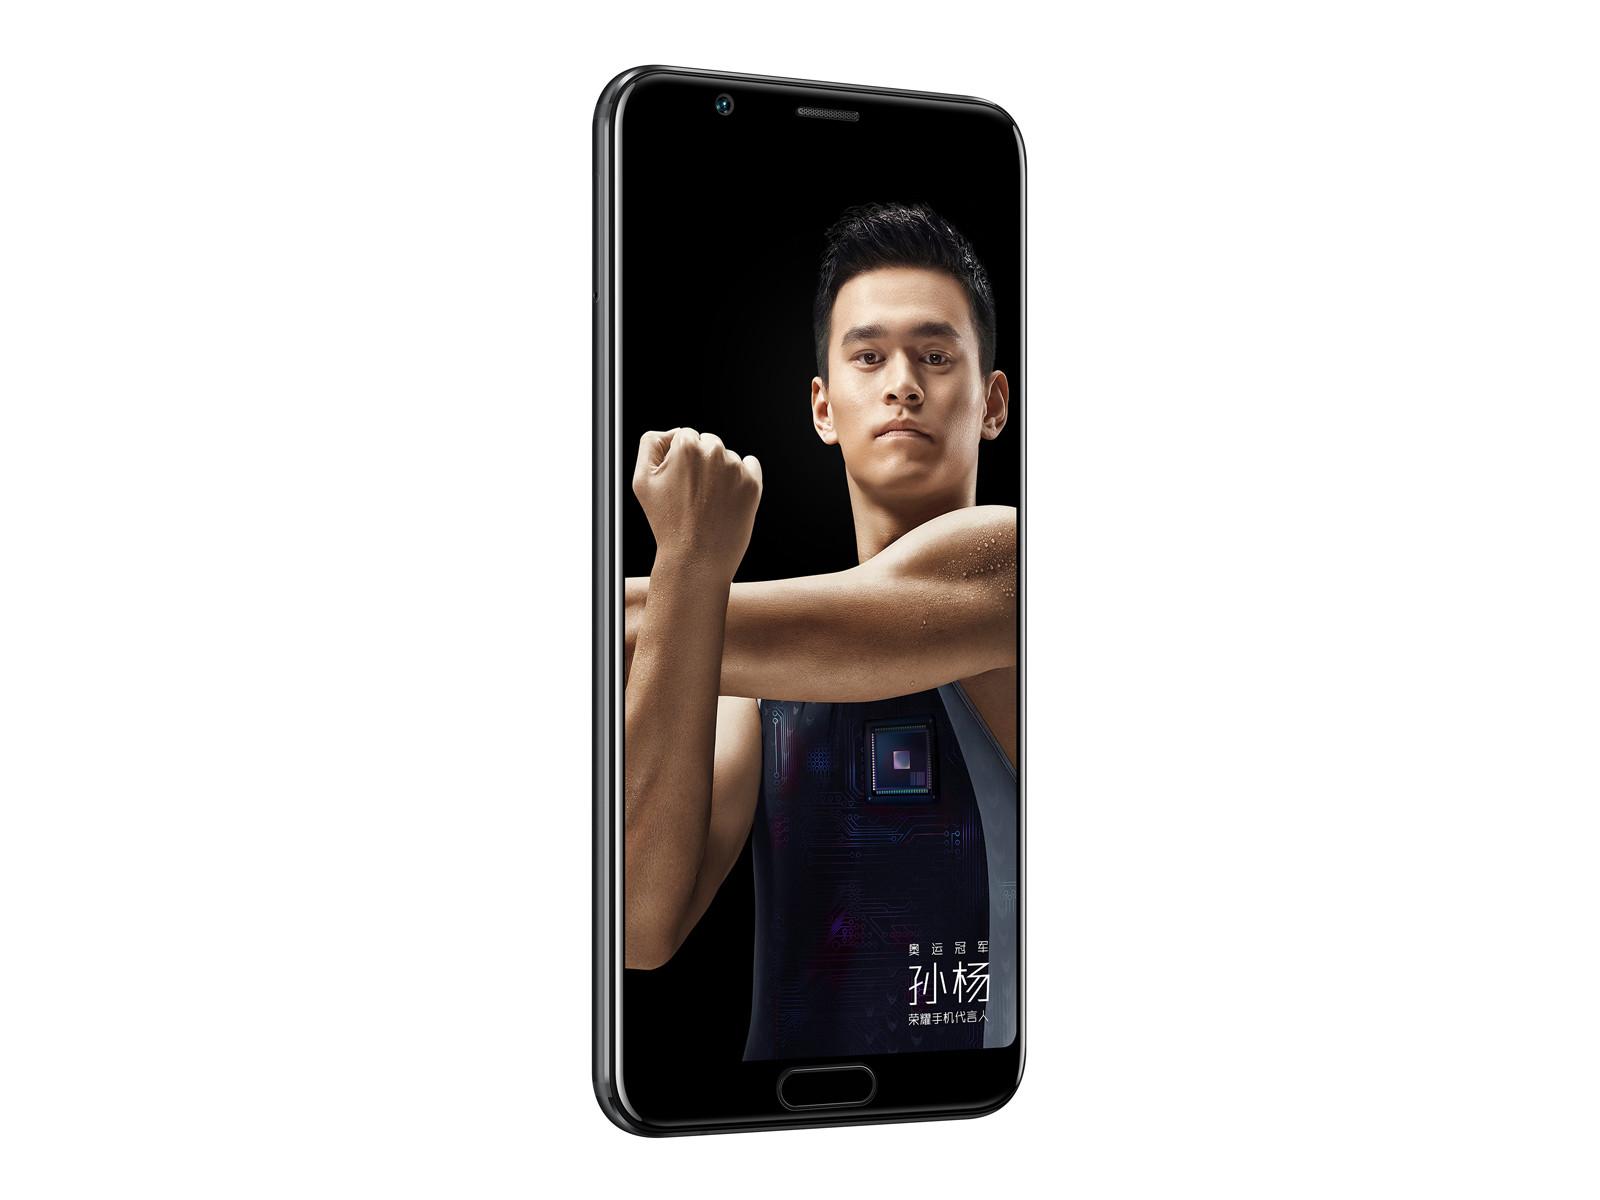 荣耀V10(6+128GB)产品本身外观第6张